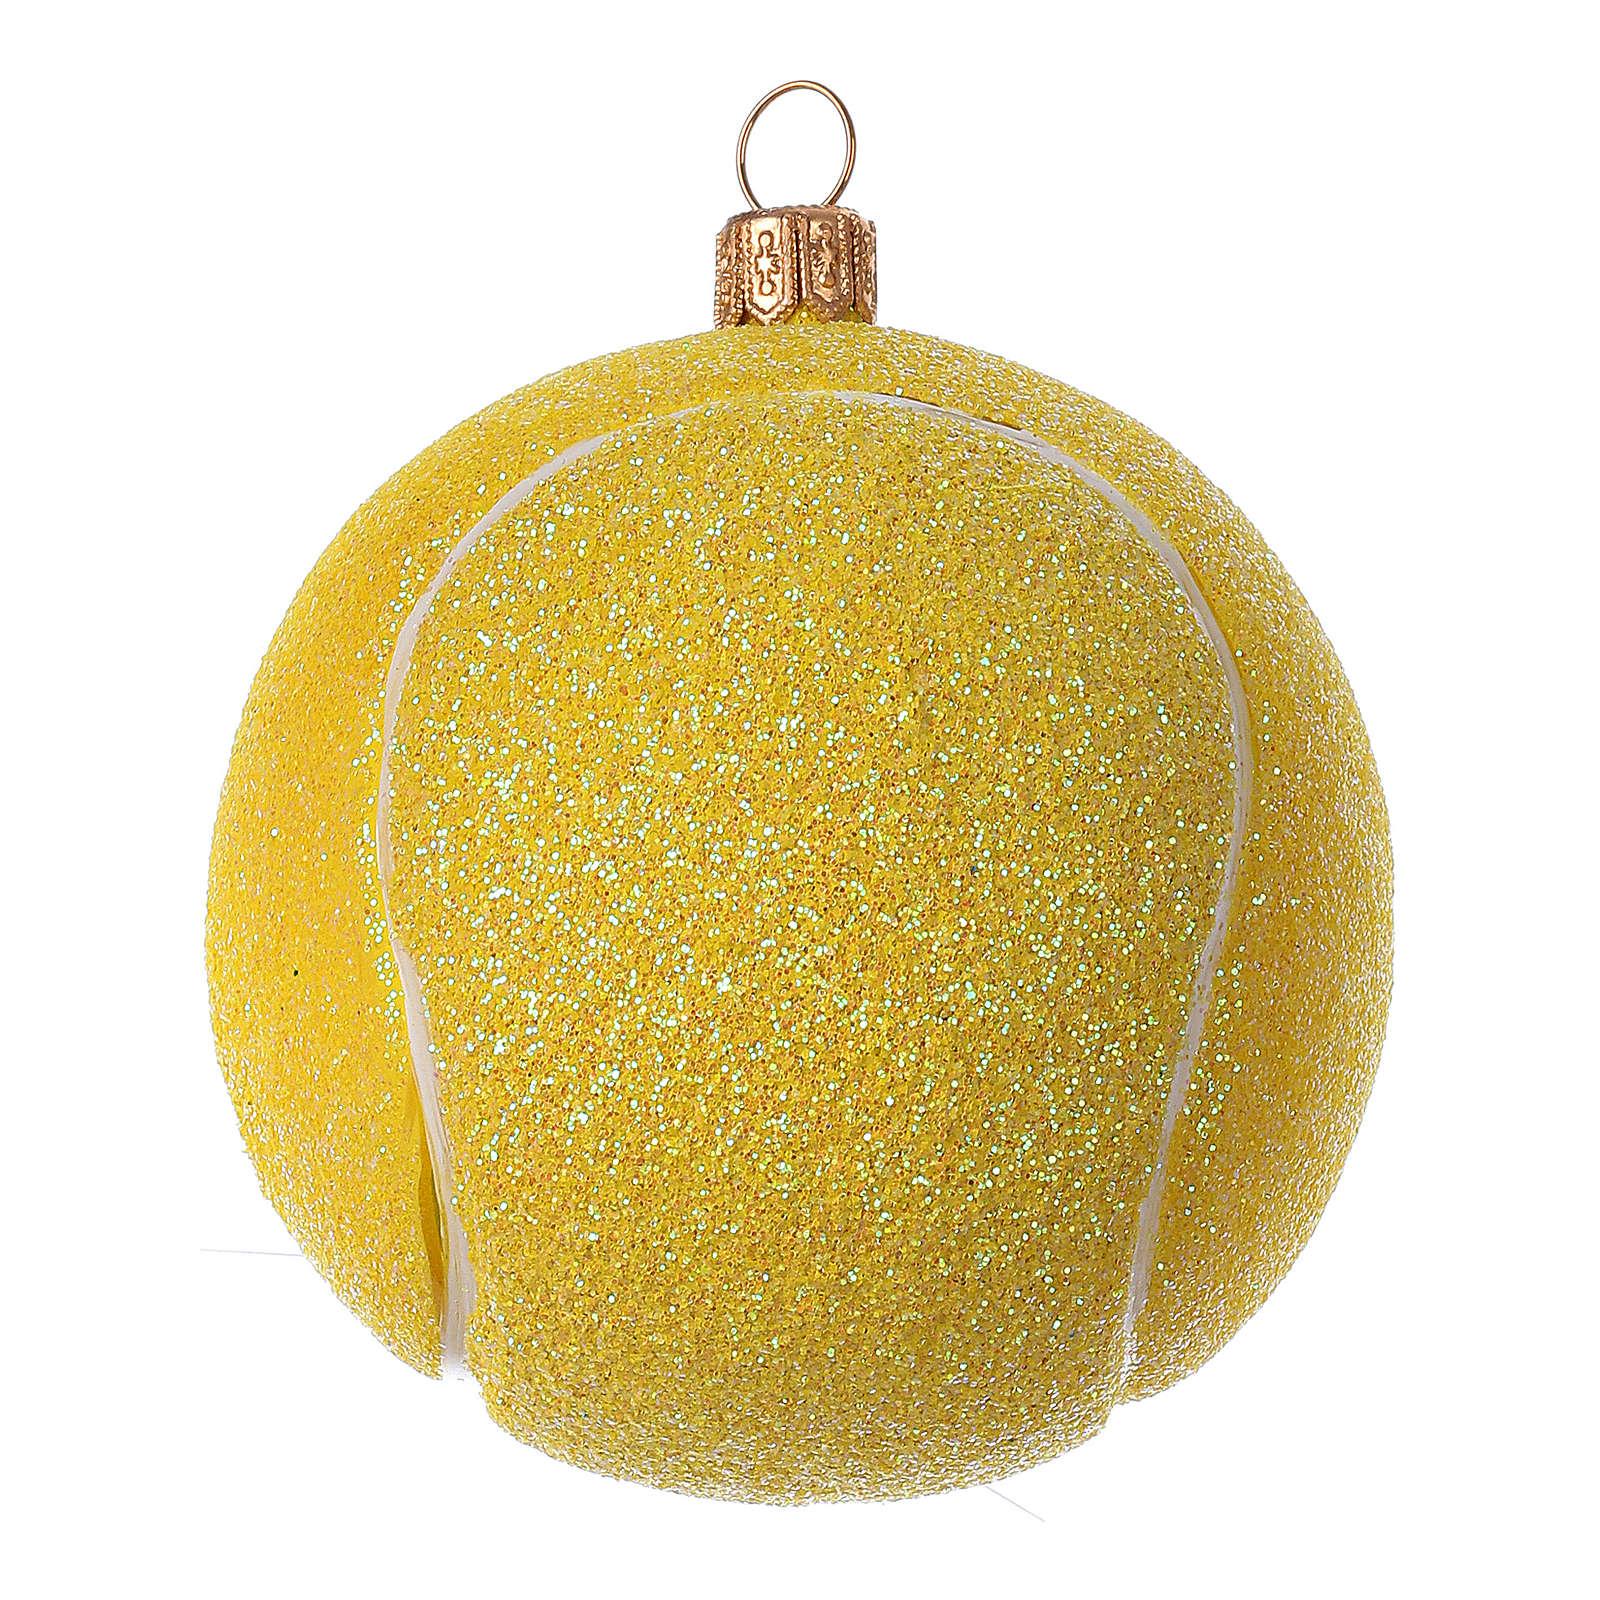 Pelota de ténis decoración vidrio soplado árbol Navidad 4